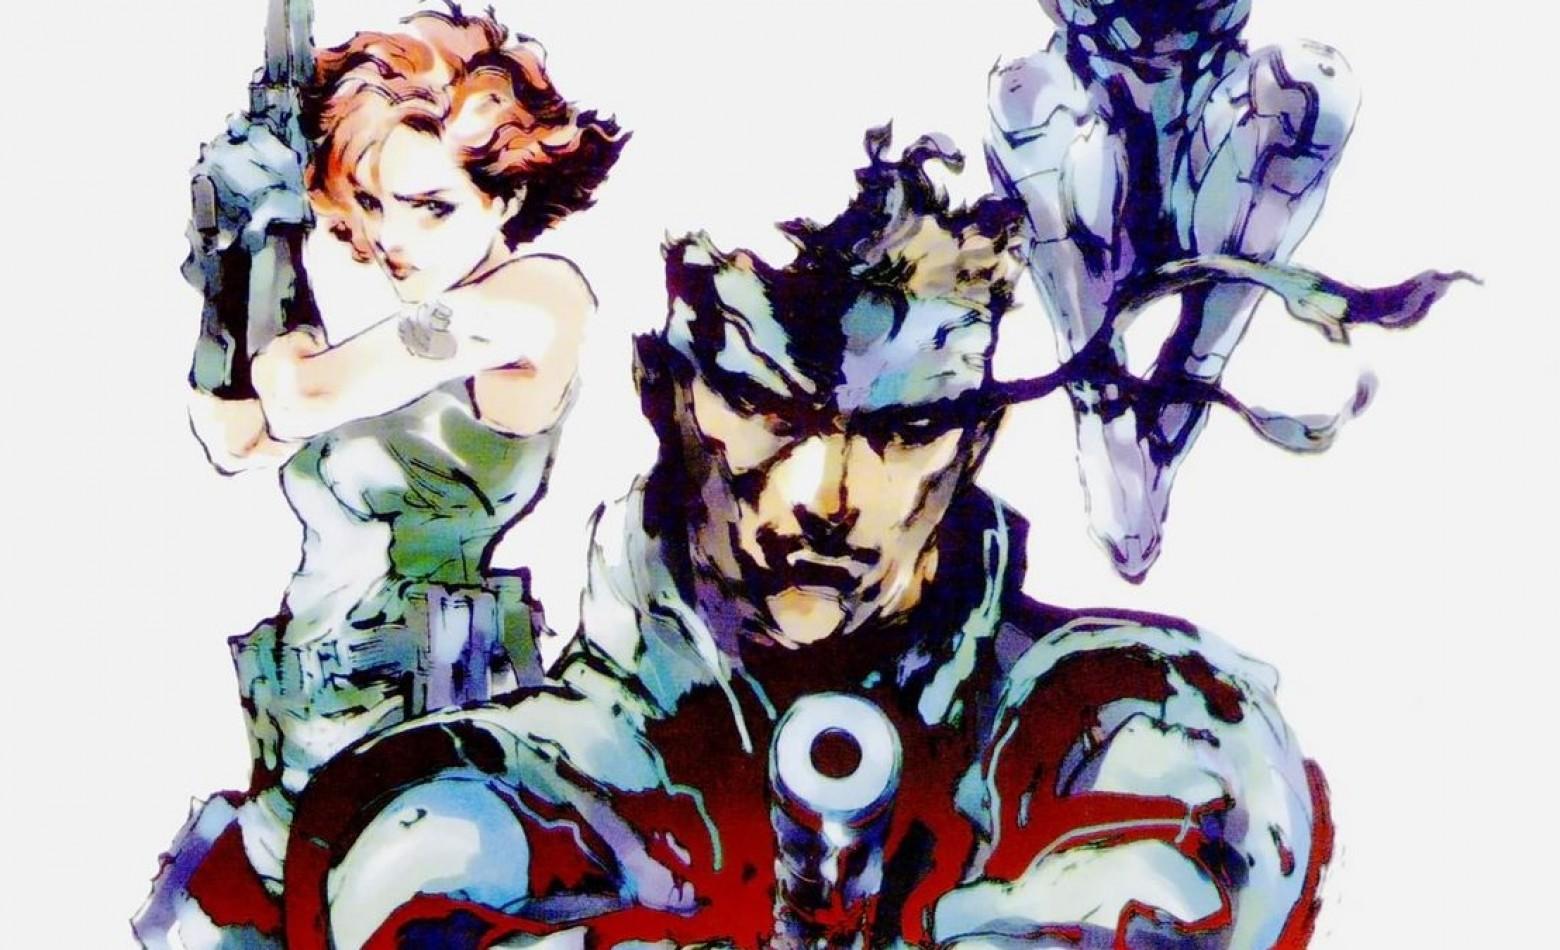 Antes tarde do que nunca: Metal Gear Solid